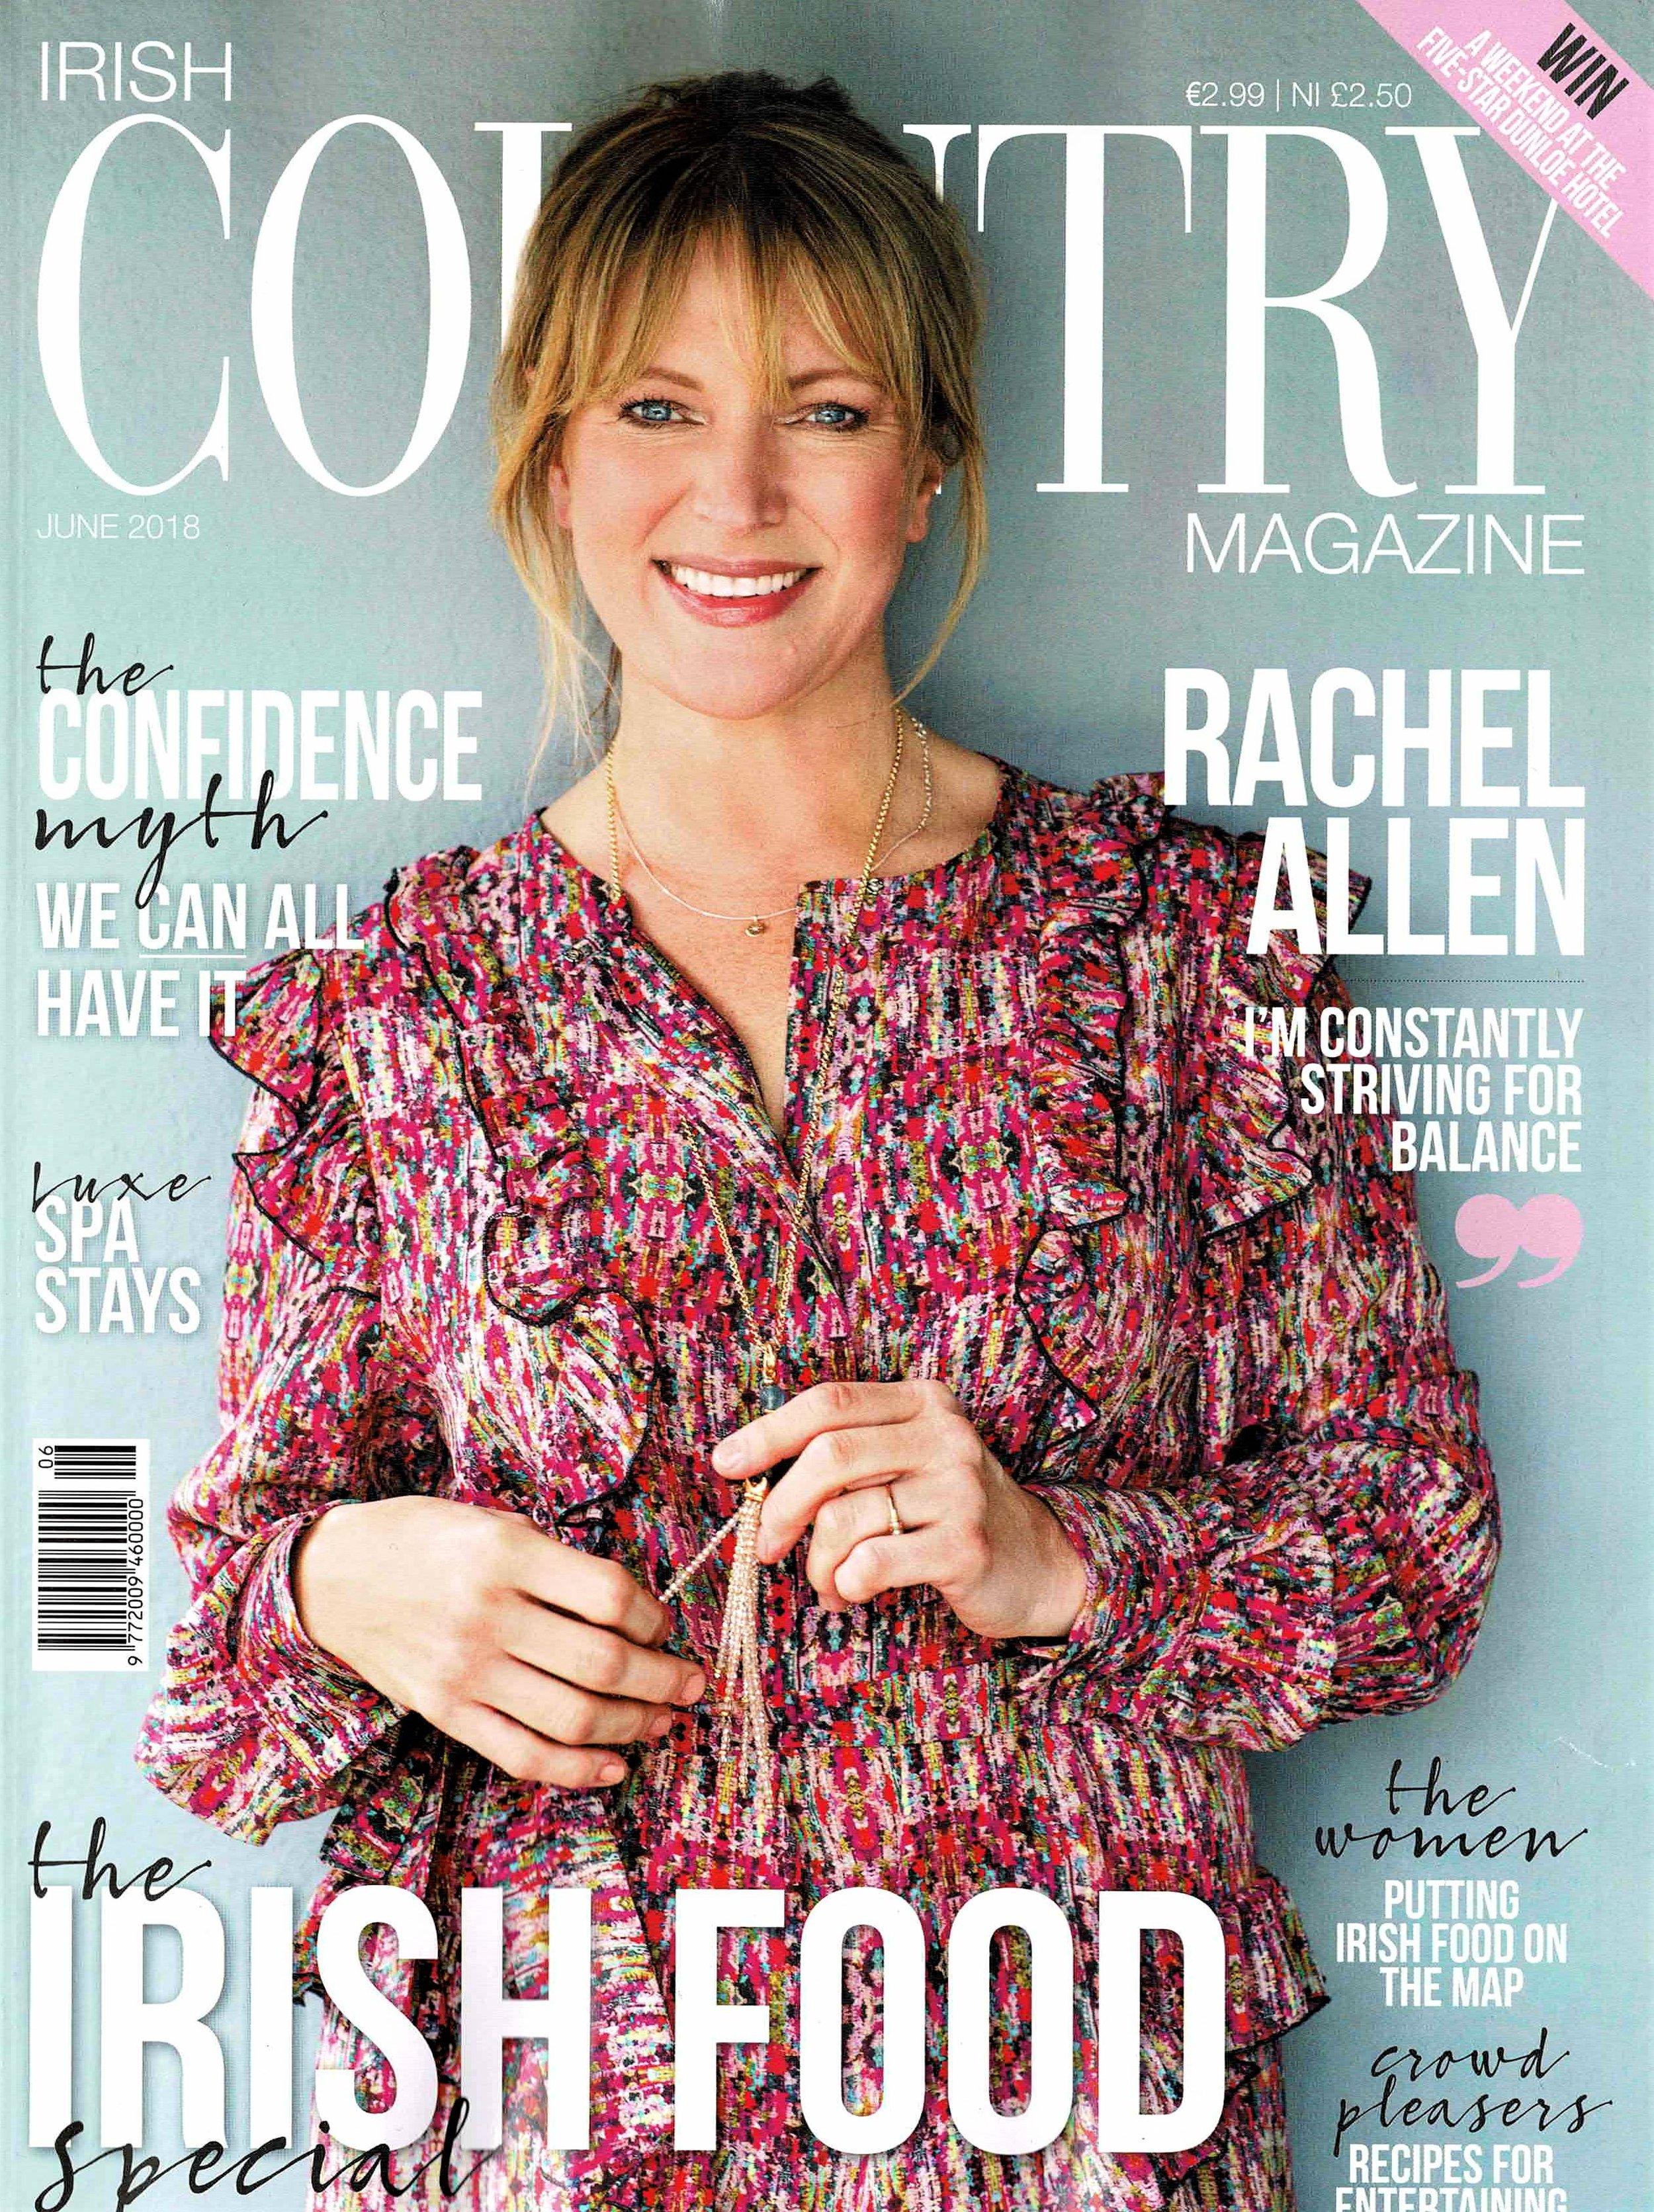 Irish Country Magazine June 2018